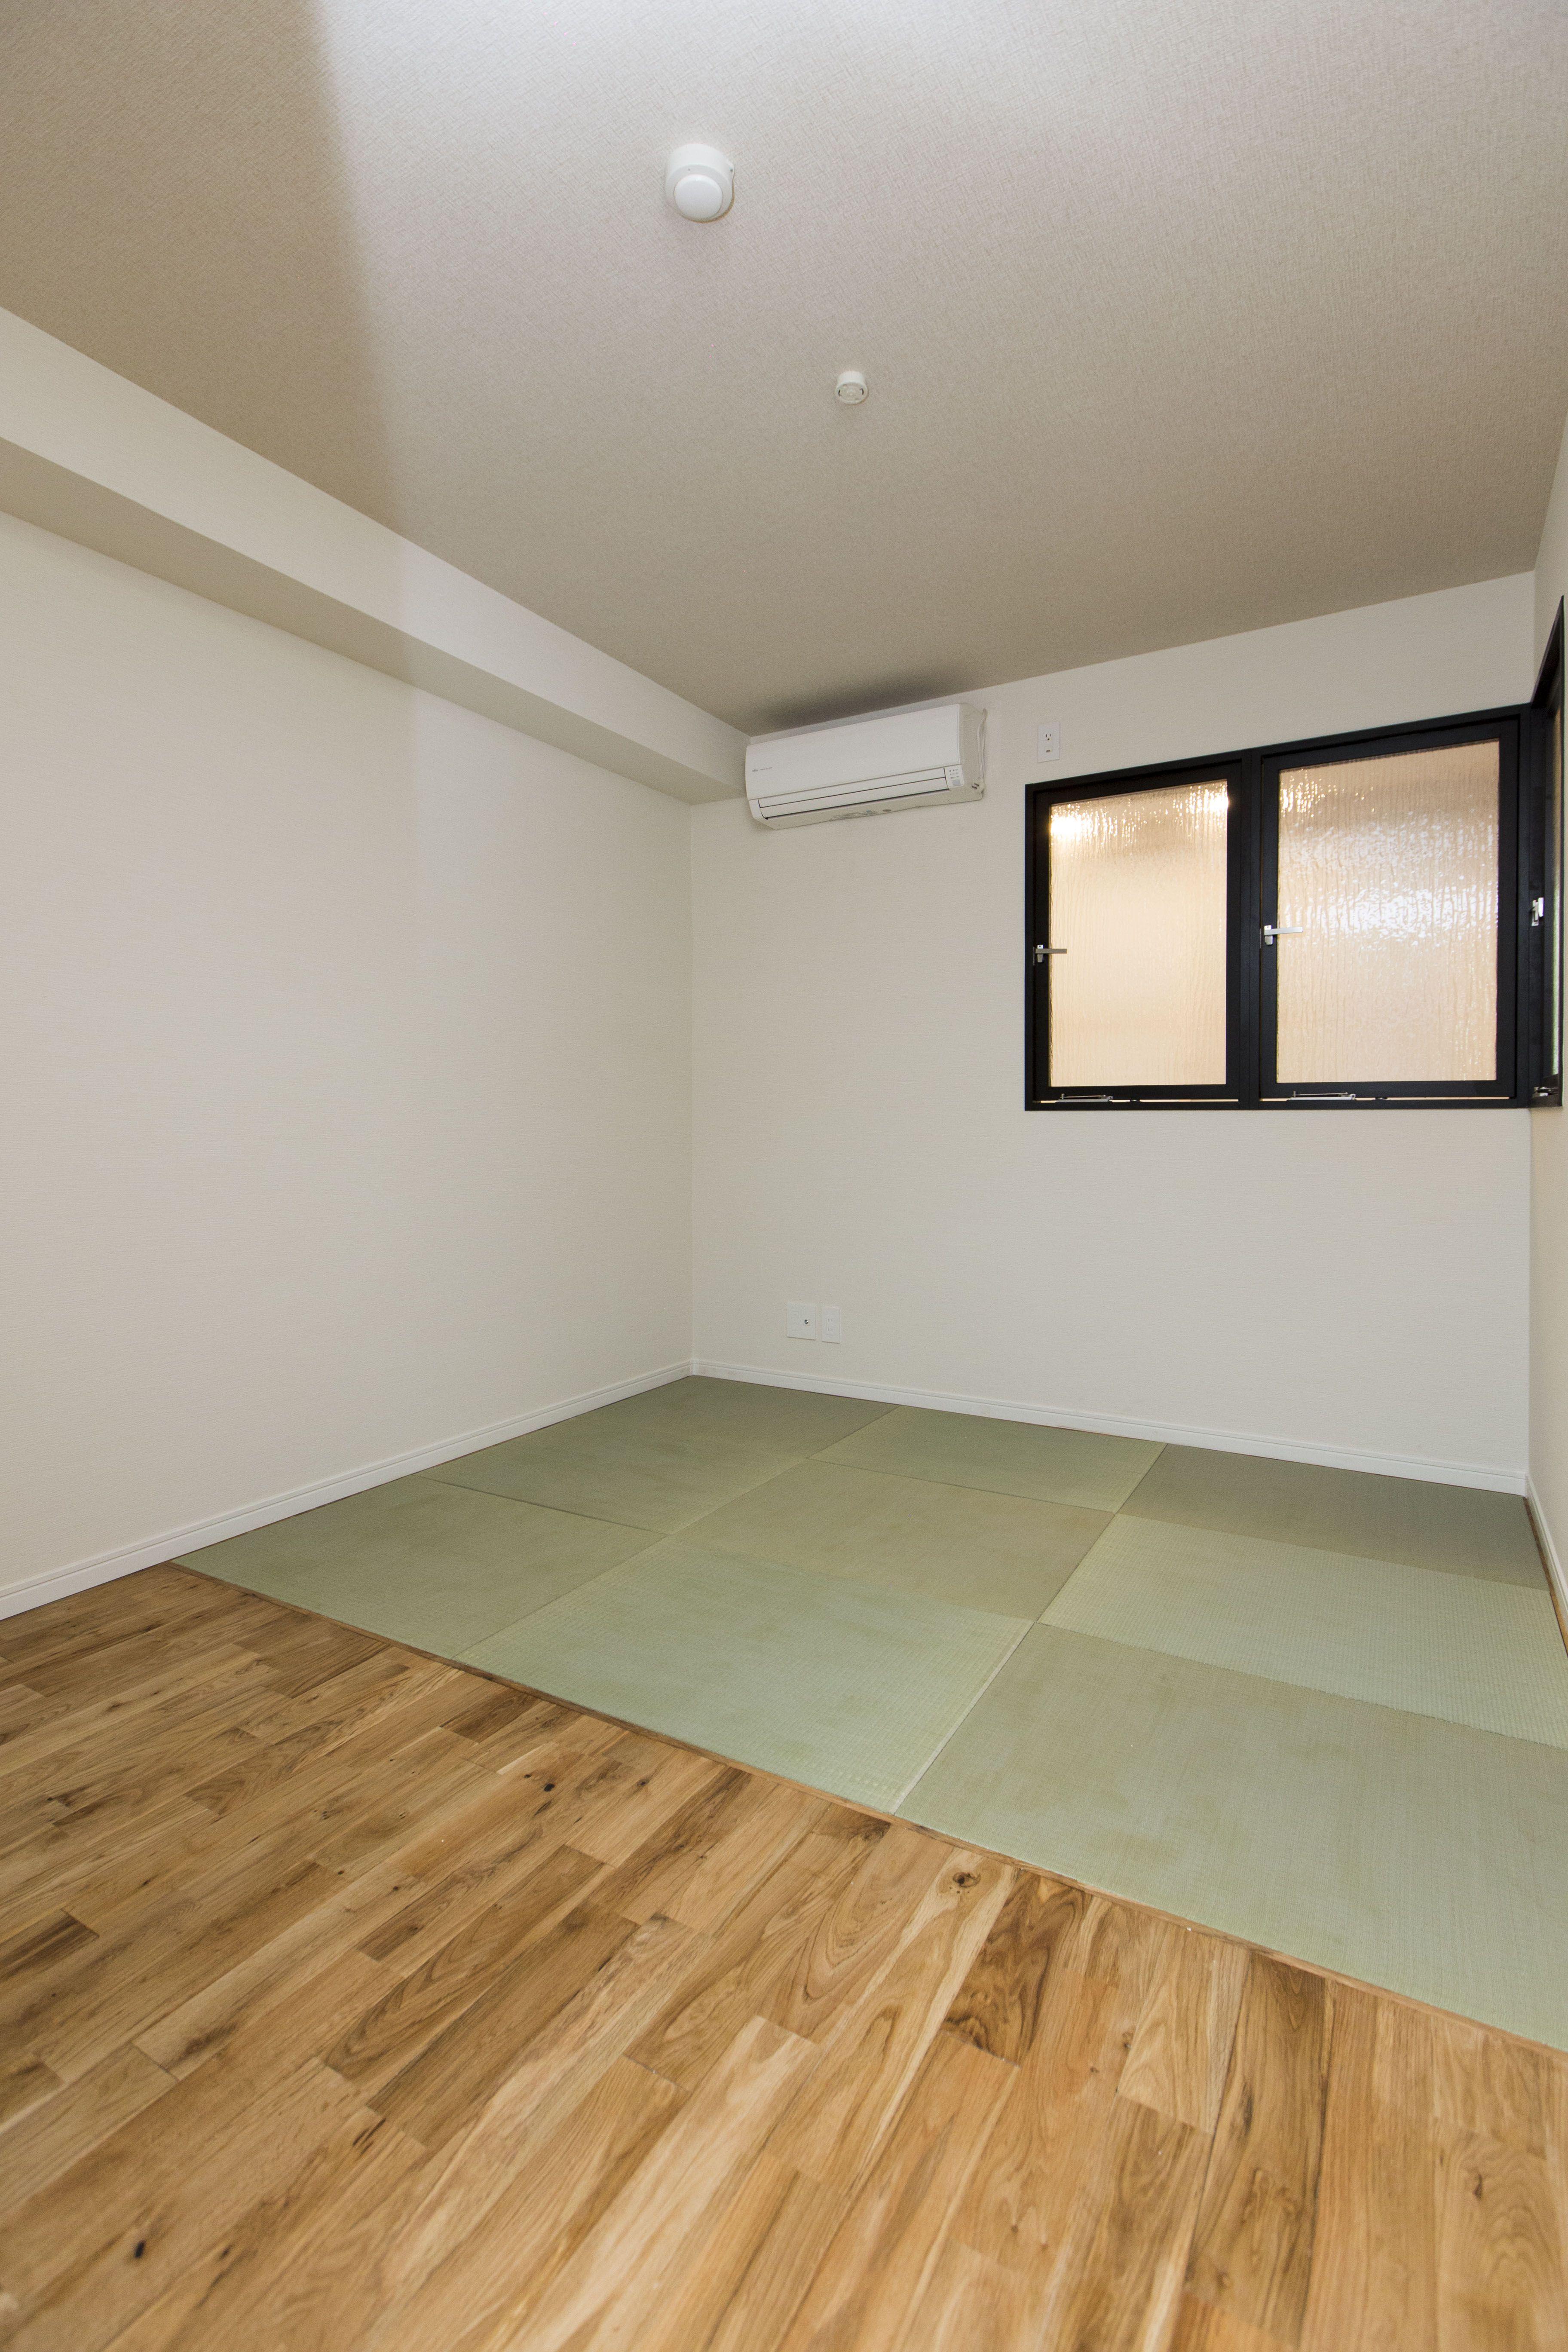 洋と和を組み合わせたお部屋になります 畳は琉球畳です 琉球畳